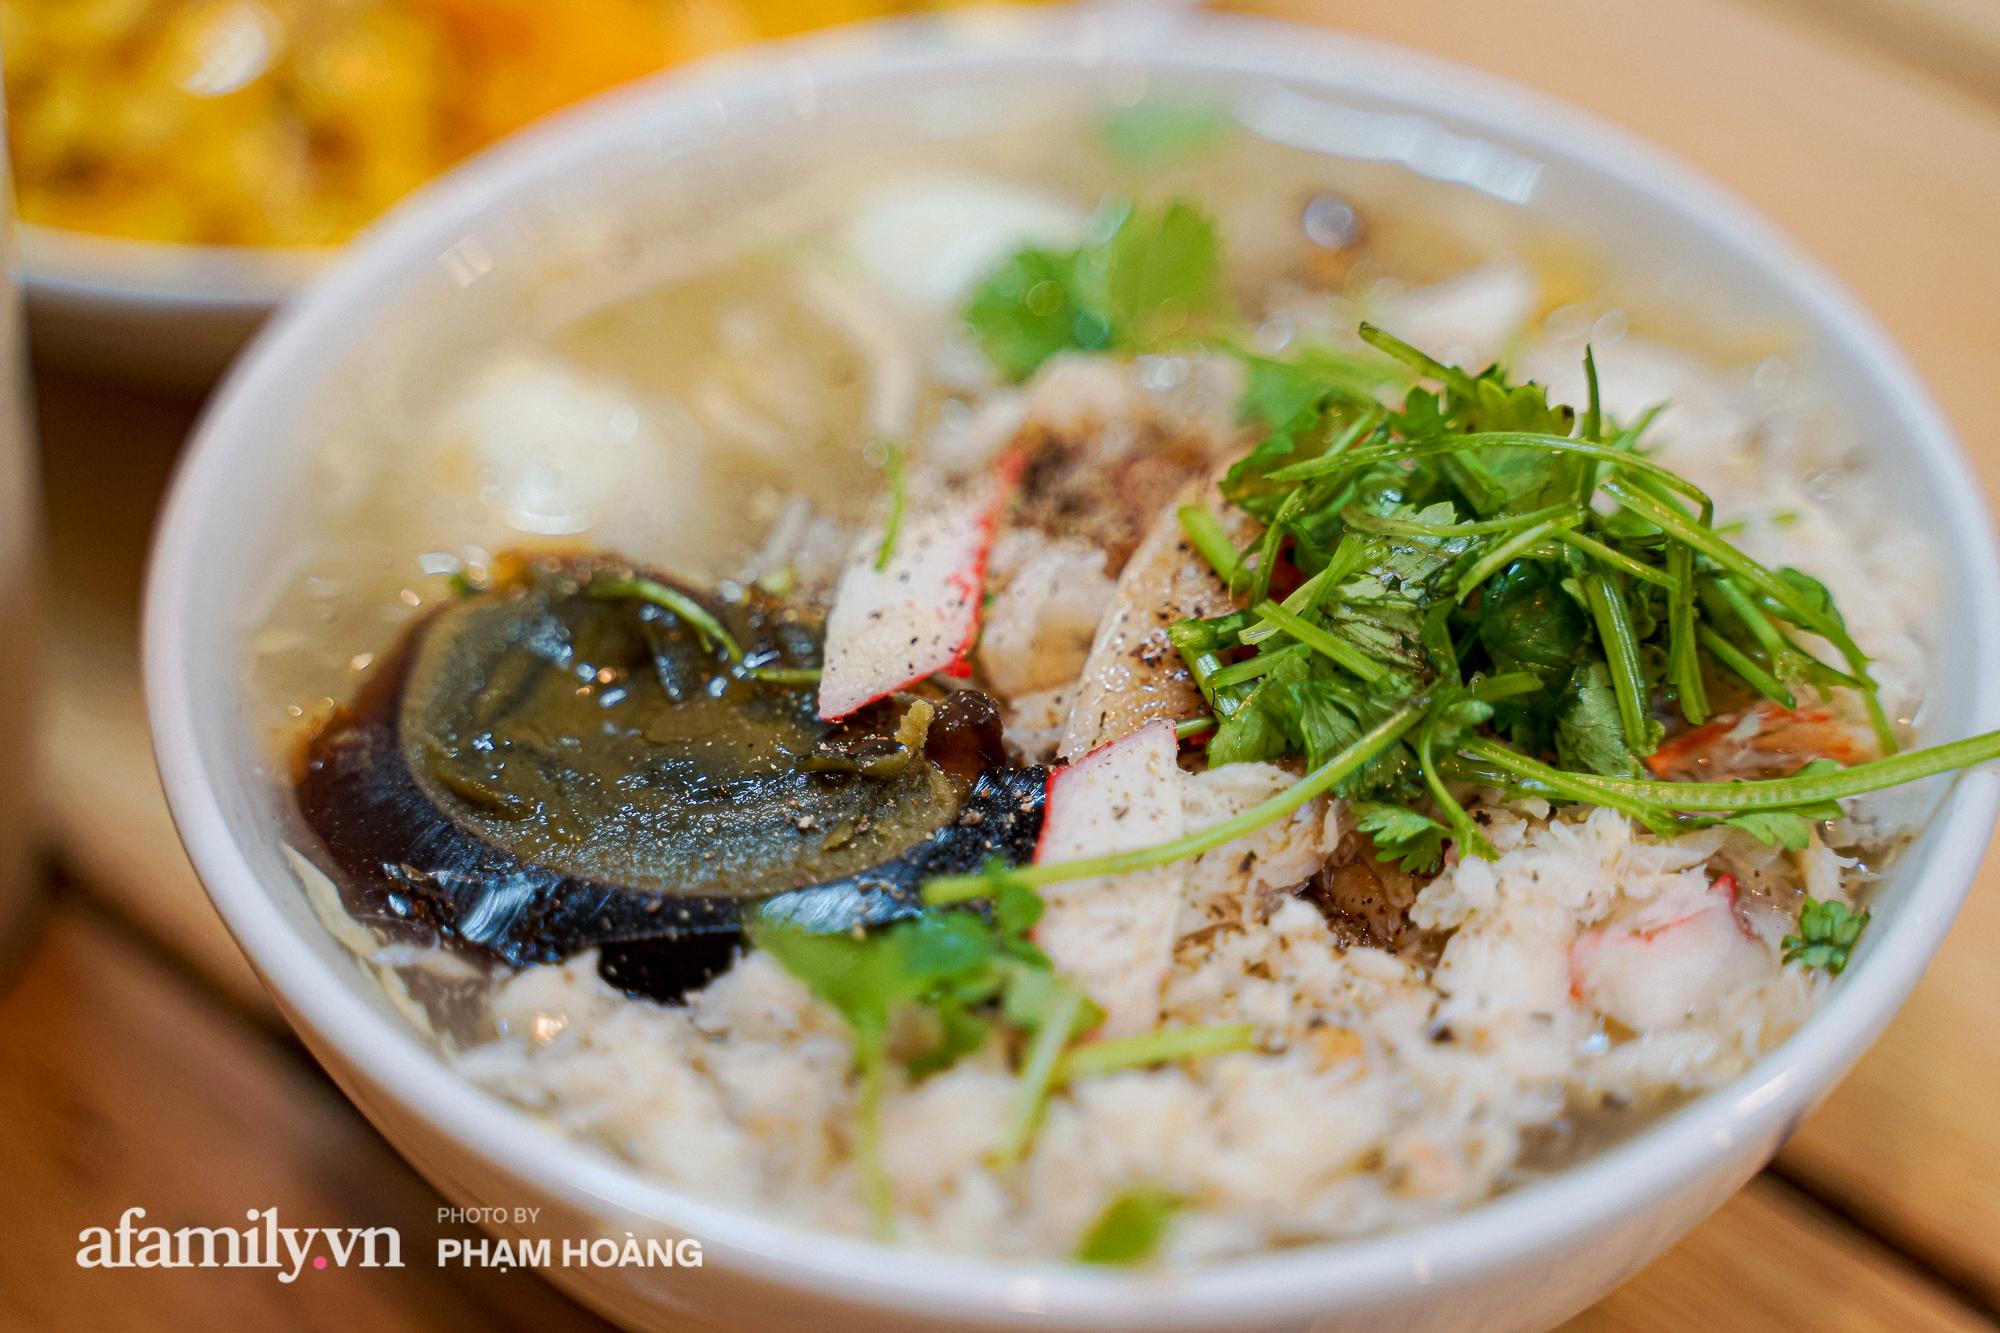 Bỏ túi những địa chỉ bán súp cua ngon ở Hà Nội cho bữa quà chiều mùa đông thêm ấm bụng - Ảnh 2.